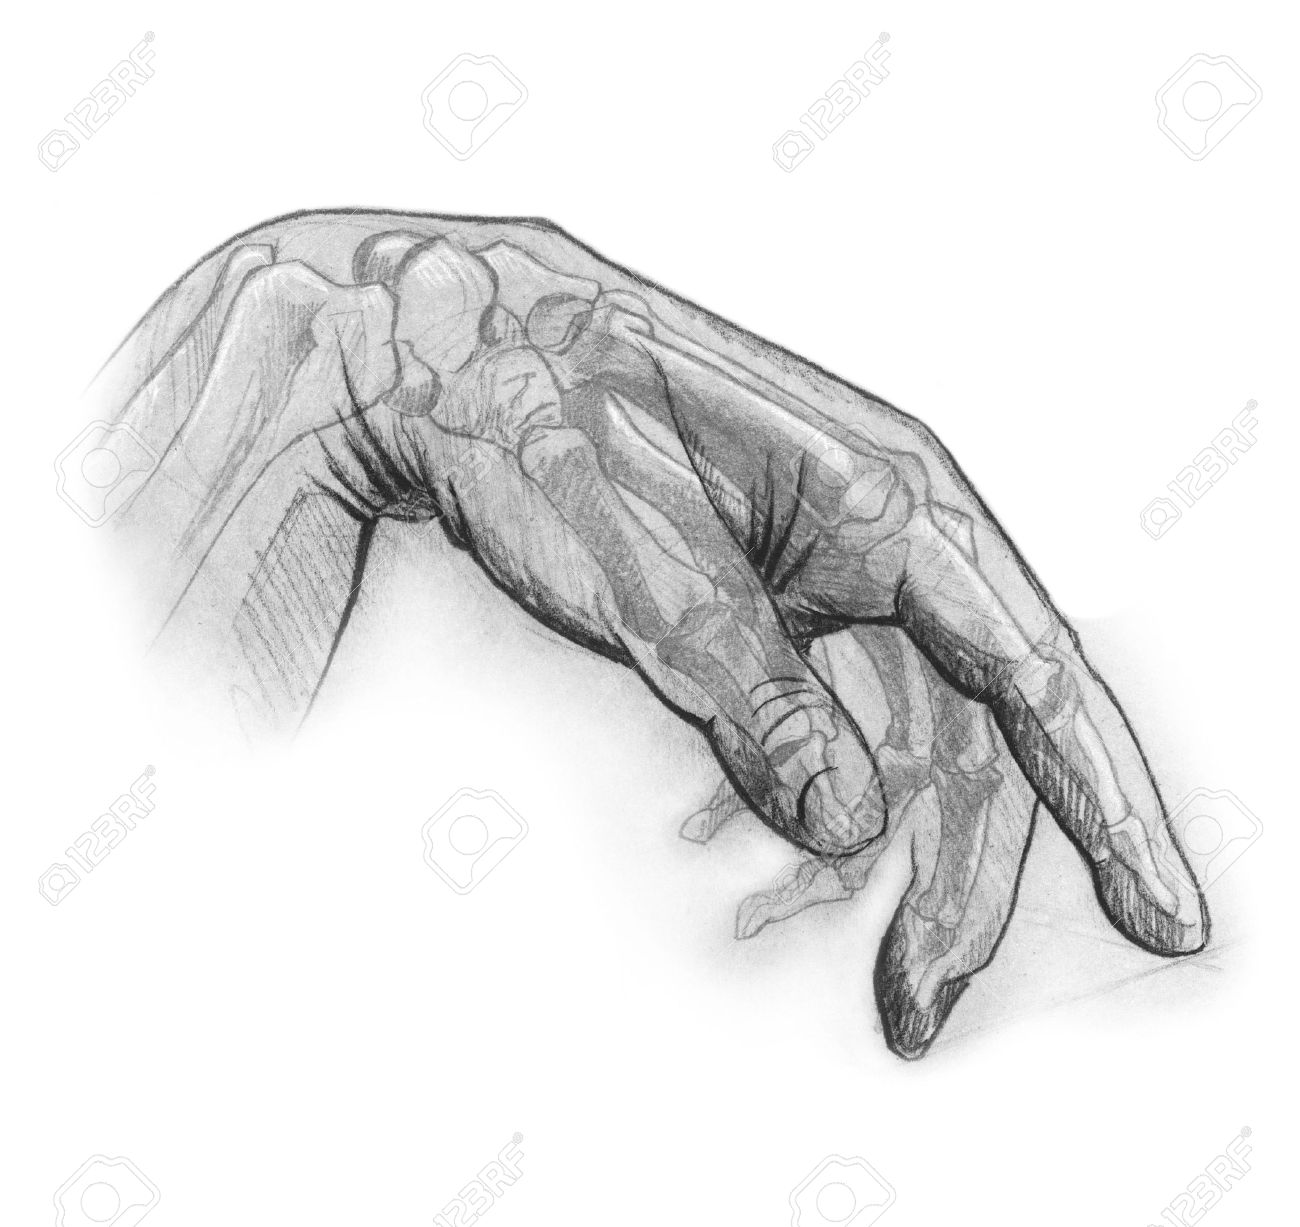 Bleistift-Skizze Der Menschlichen Hand. Zeigt Die Internen Und ...